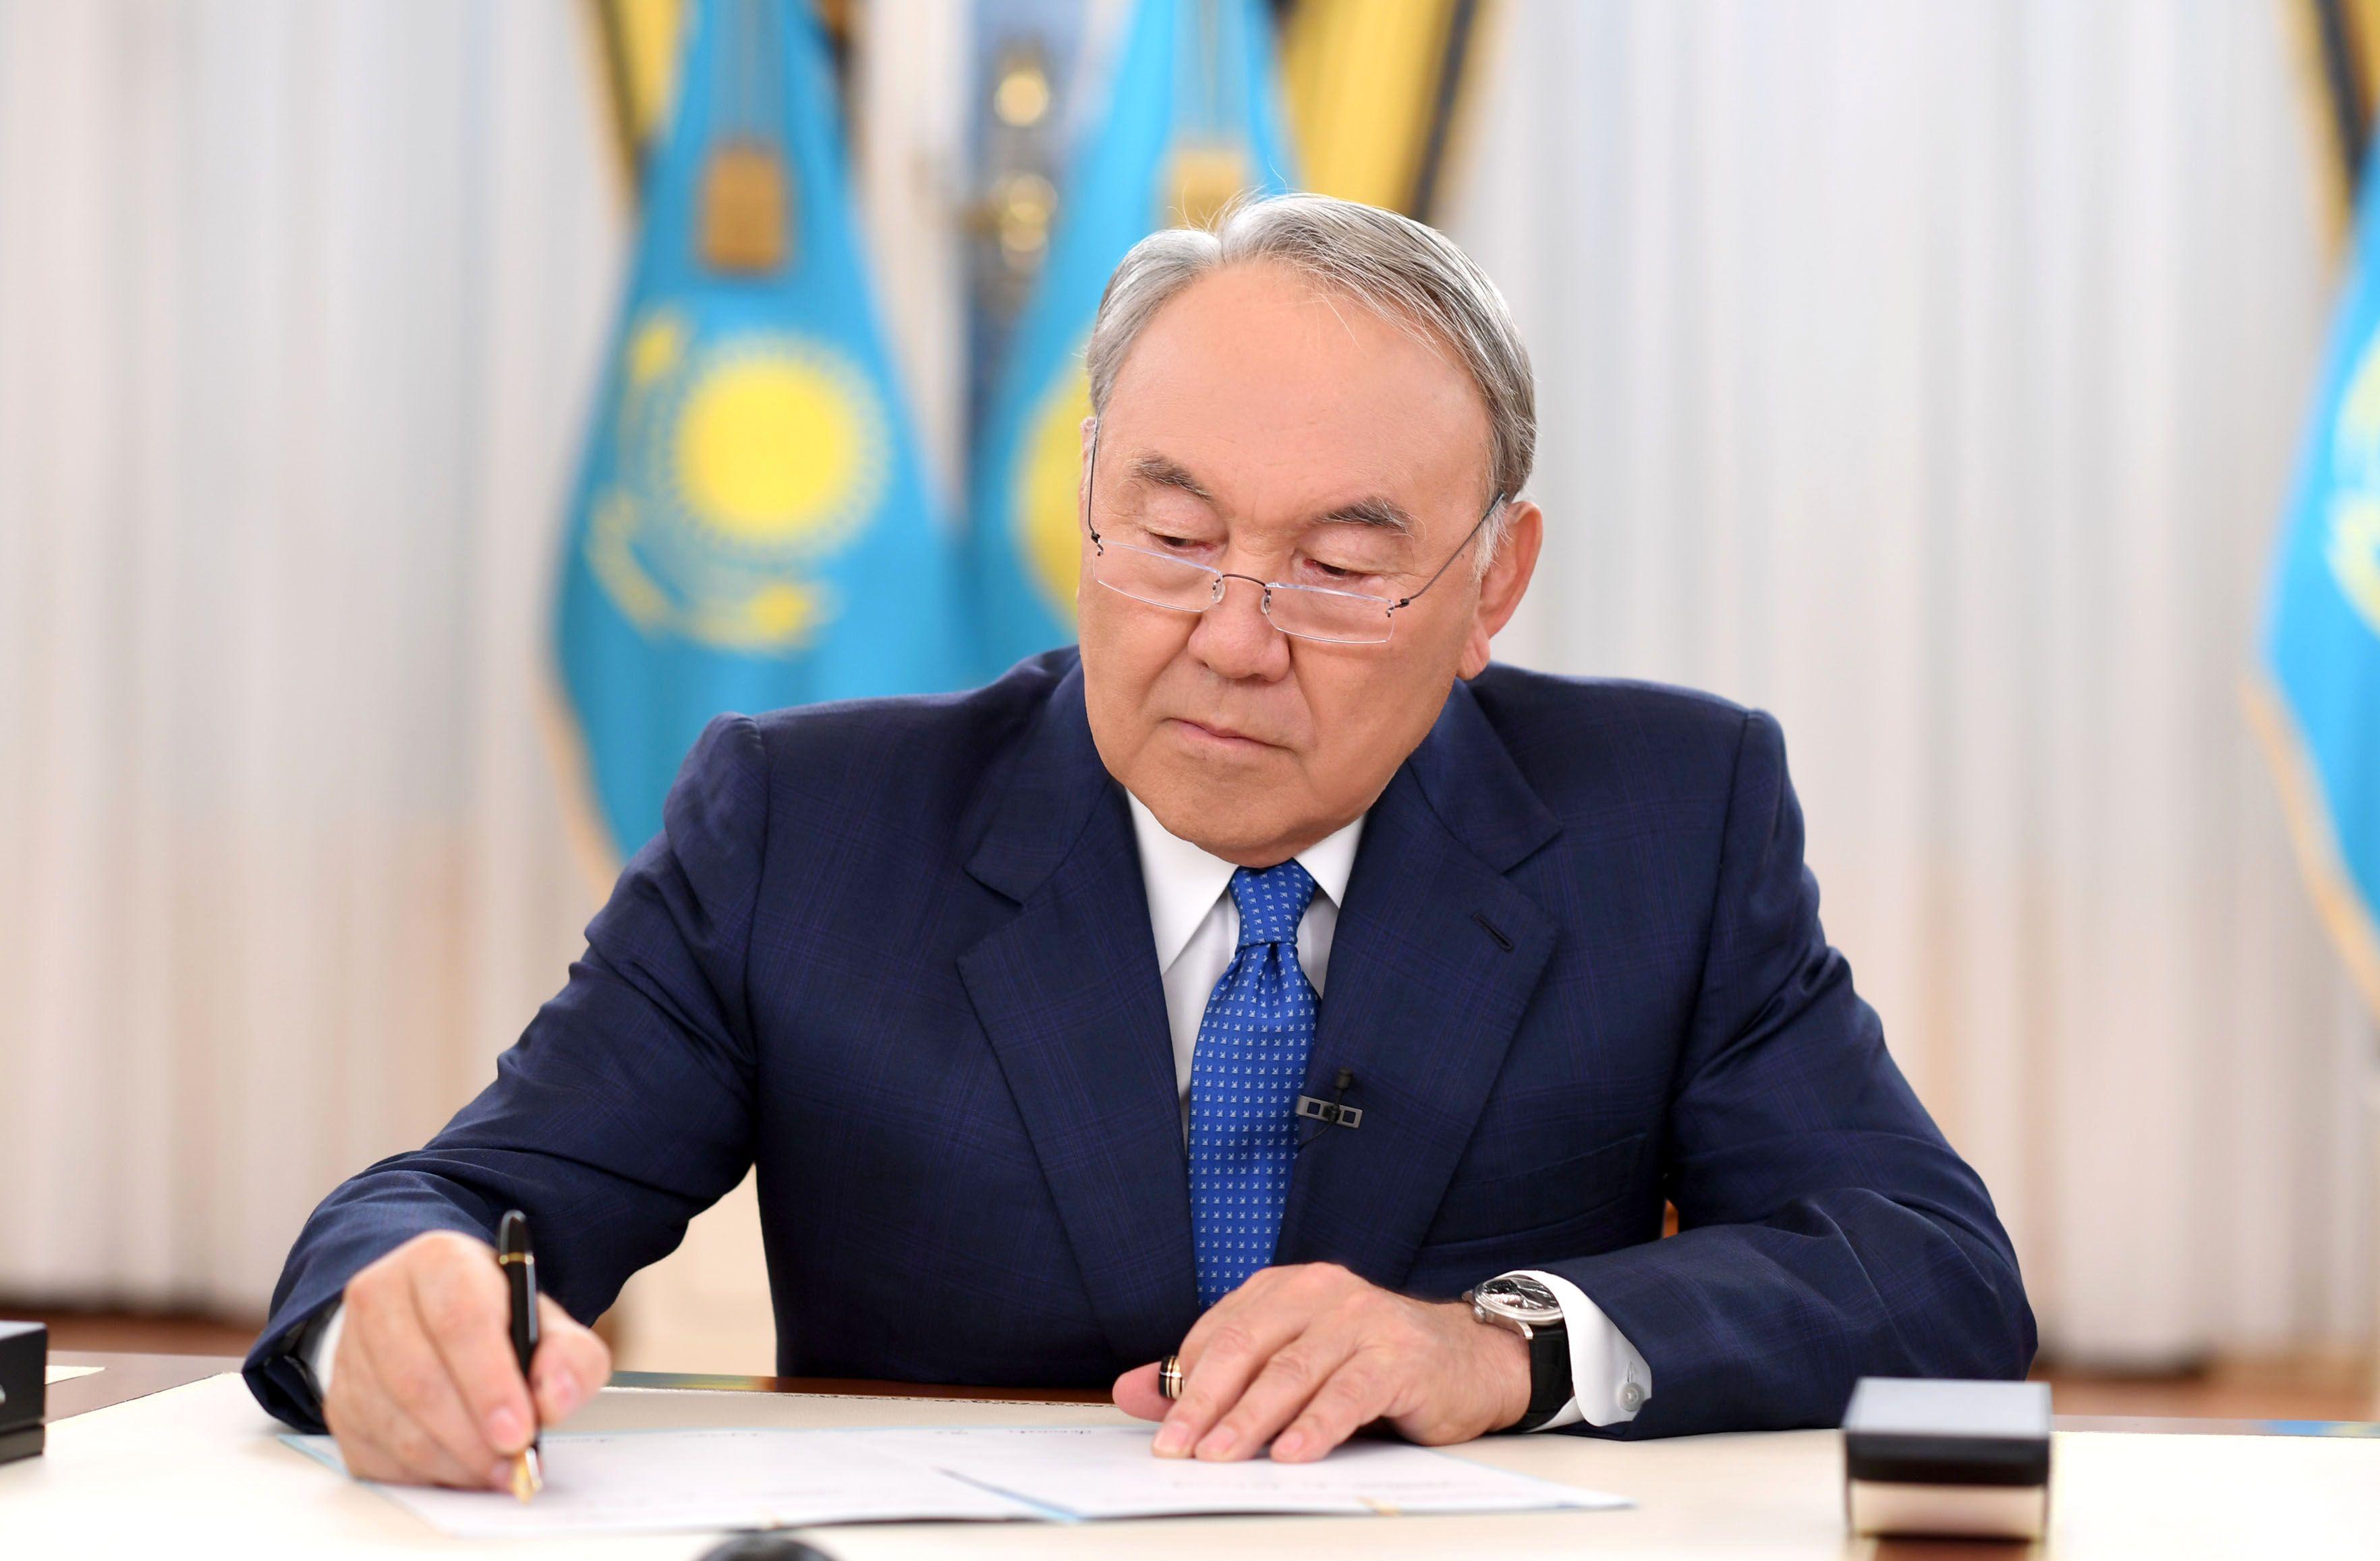 Президент: Важно открыть все «шлюзы» для усиления деловой активности- Kapital.kz